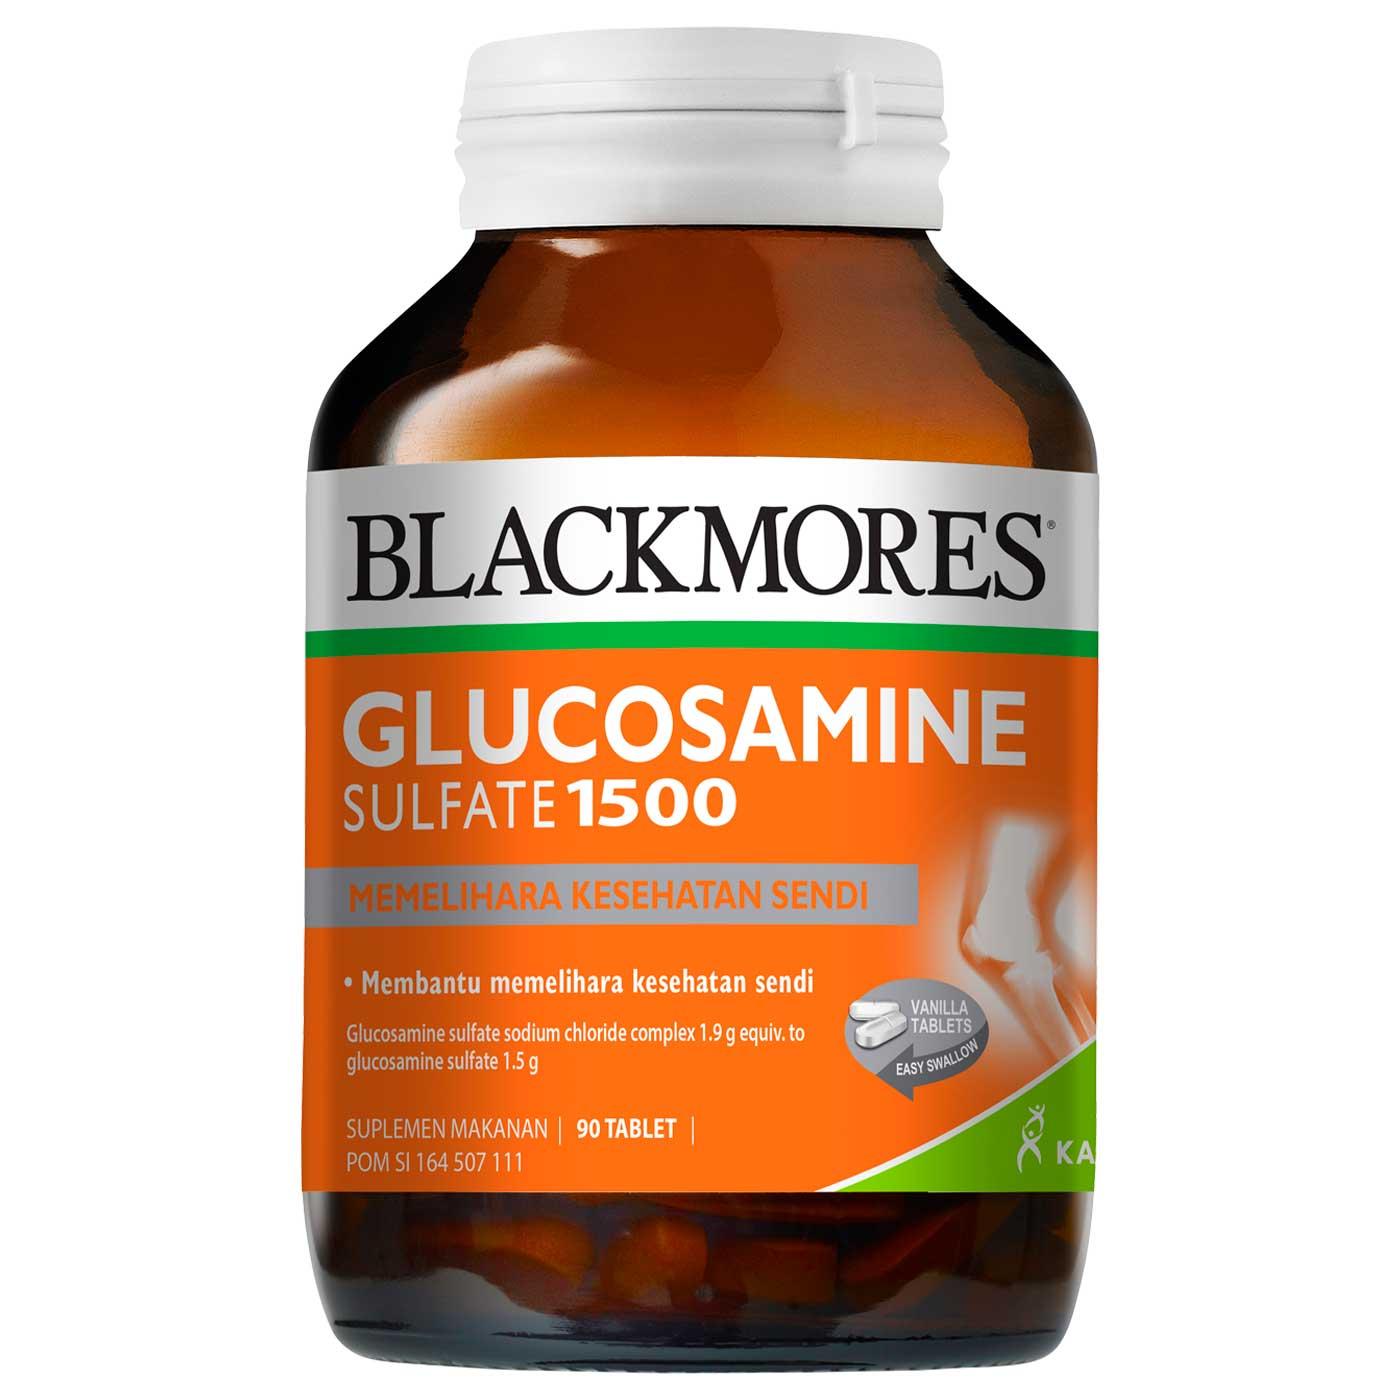 Blackmores Glucosamine Sulfate 1500 1